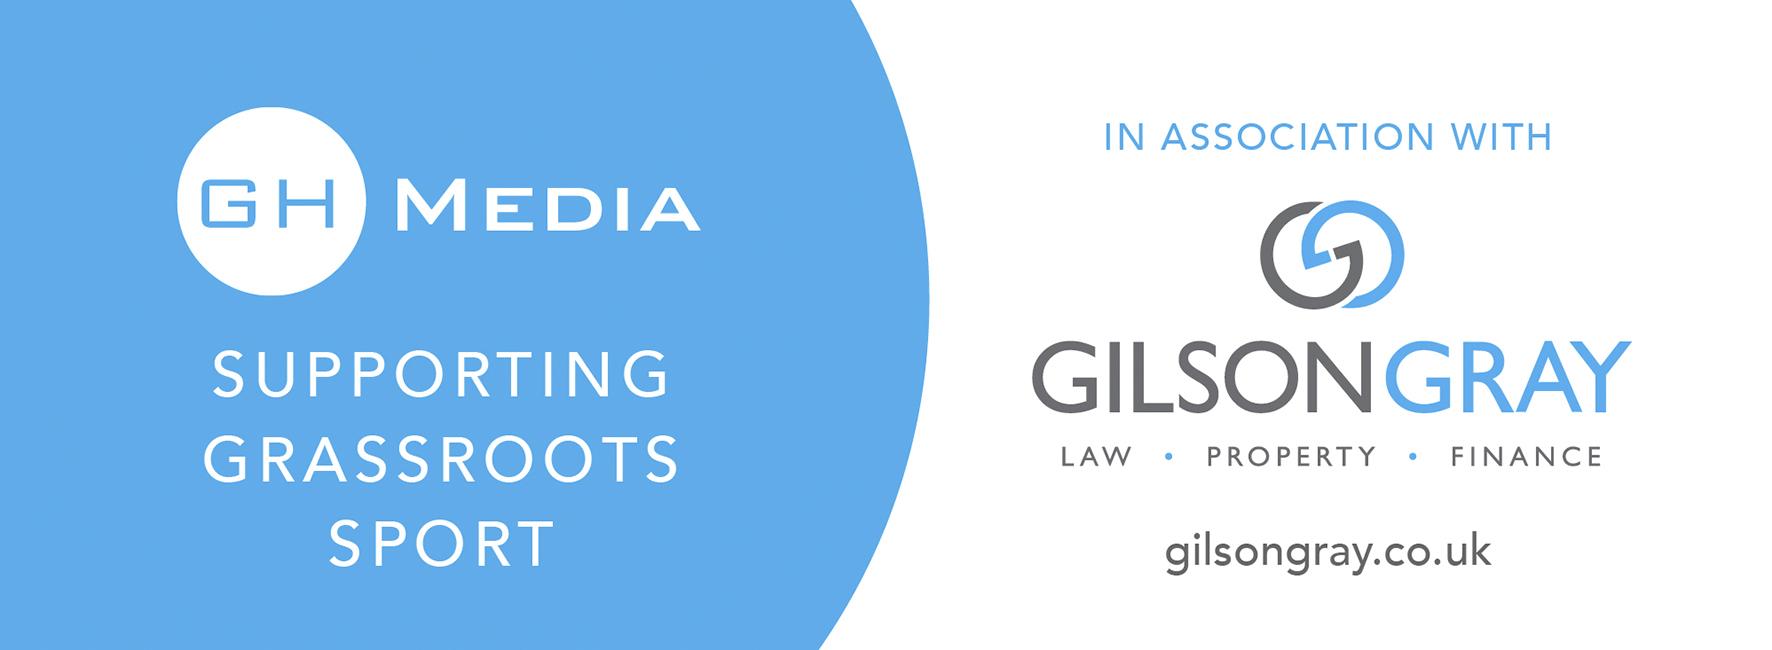 GH Media Gilson Gray banner